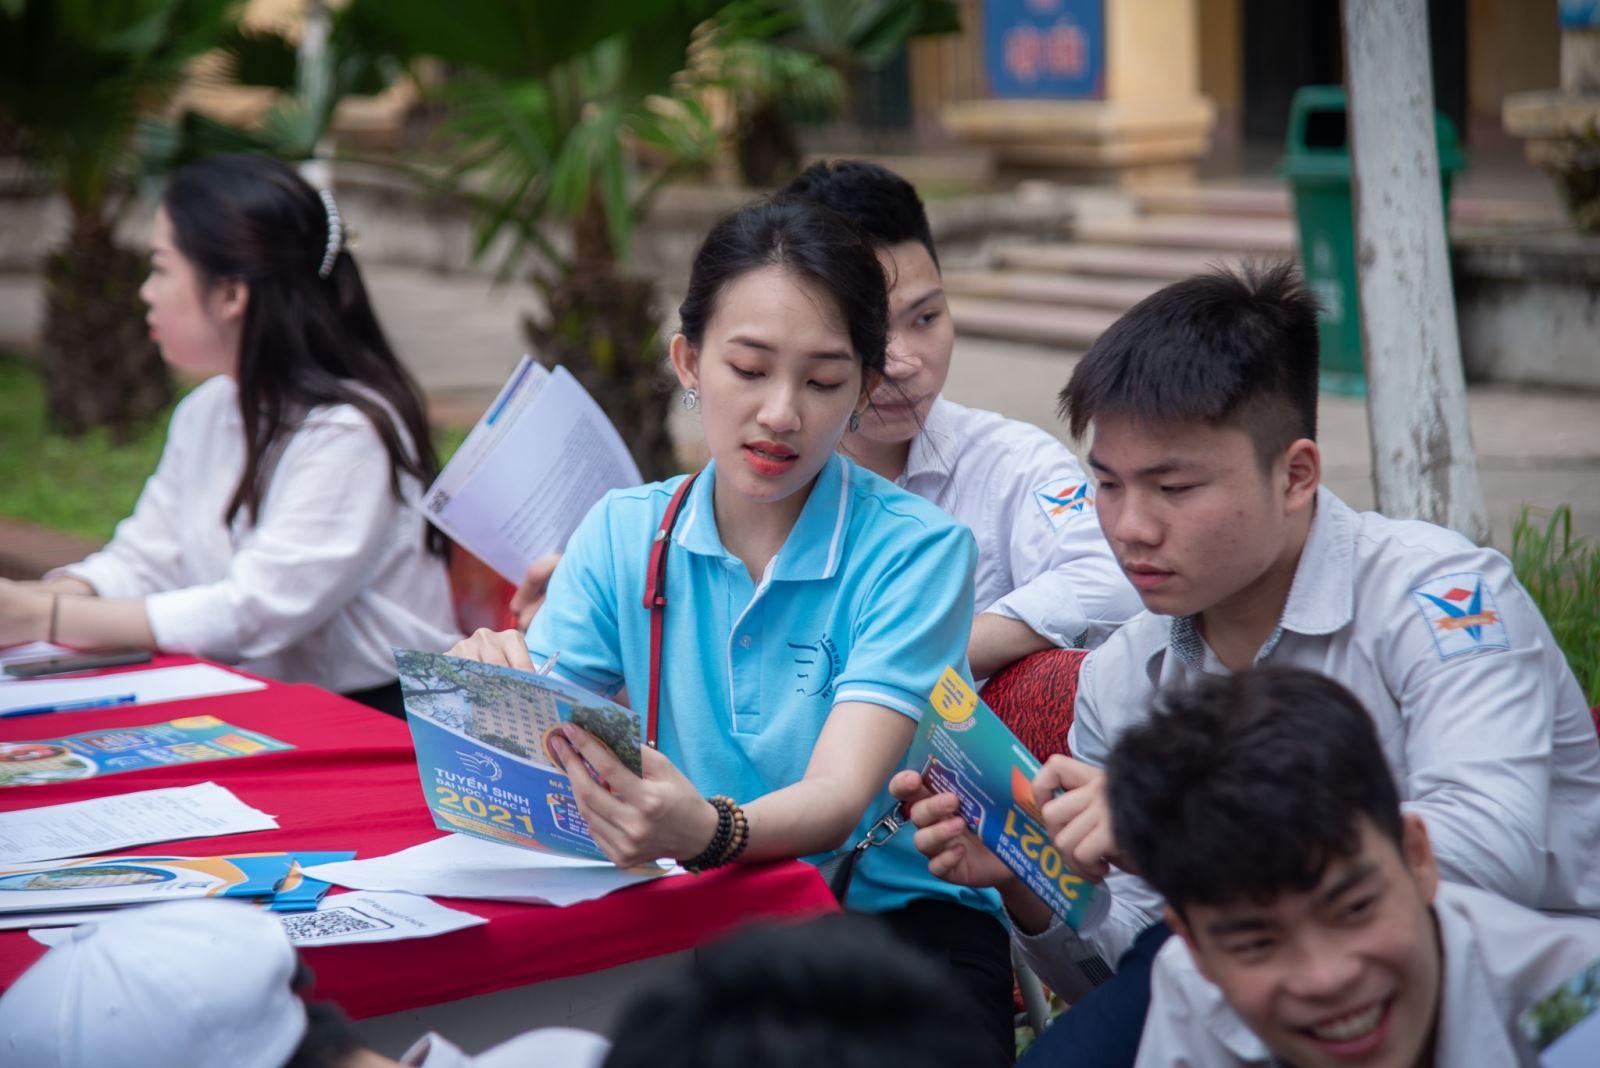 Hành trình tư vấn hướng nghiệp tại trường THPT Trung Văn